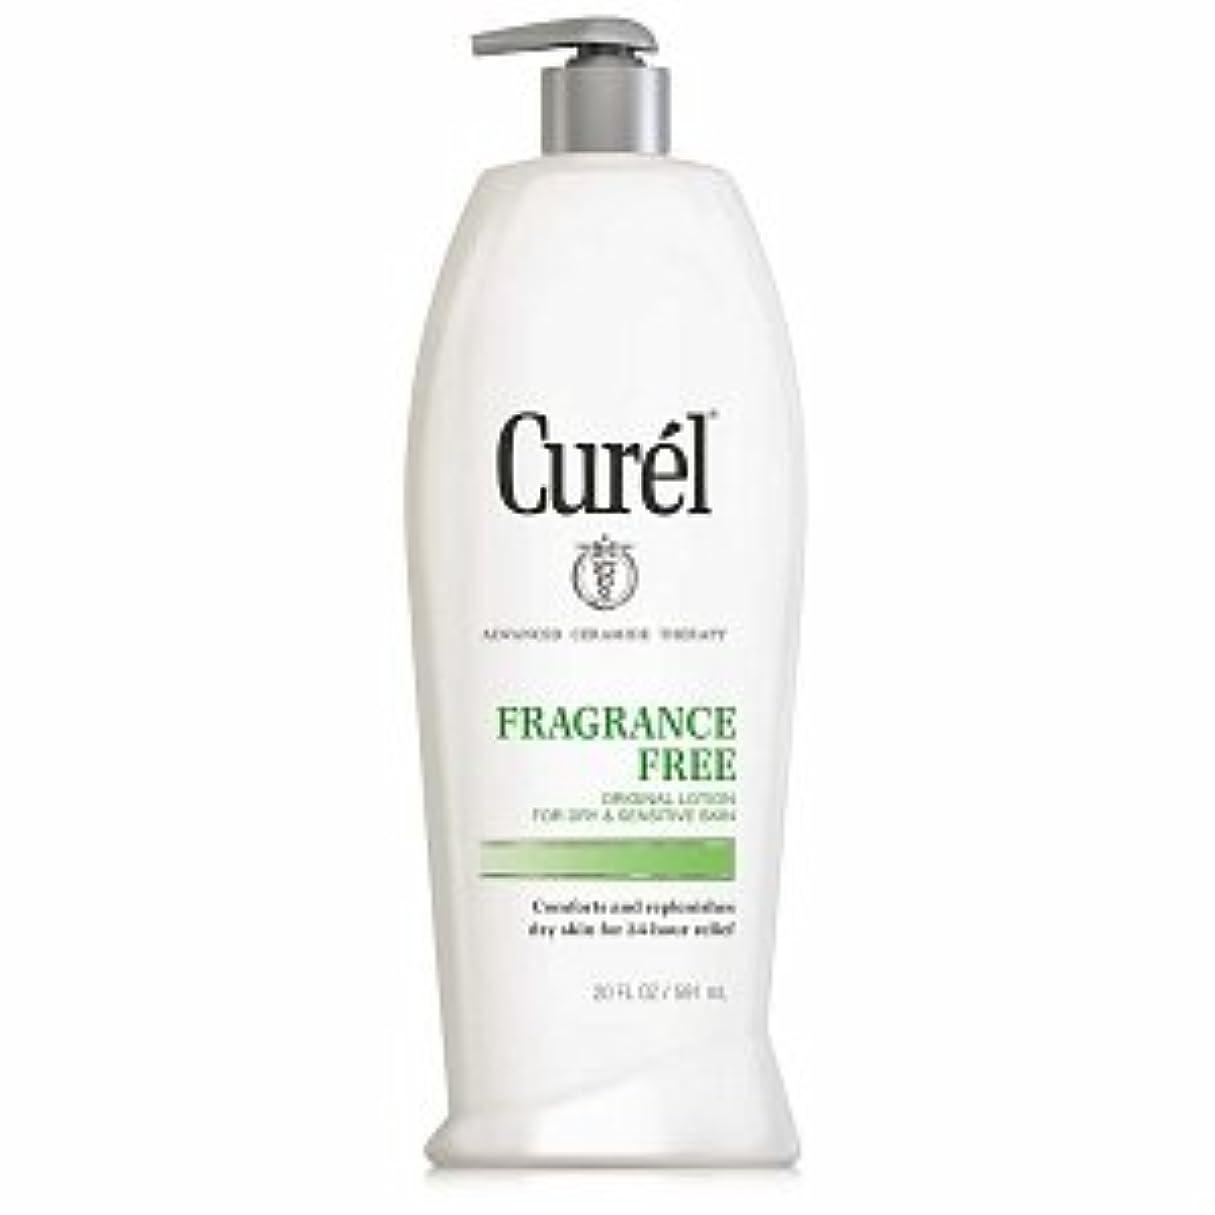 寮シネウィモスクCurel Fragrance Free Original Lotion For Dry&Sensitive Skin - 13 fl oz  ポンプ式